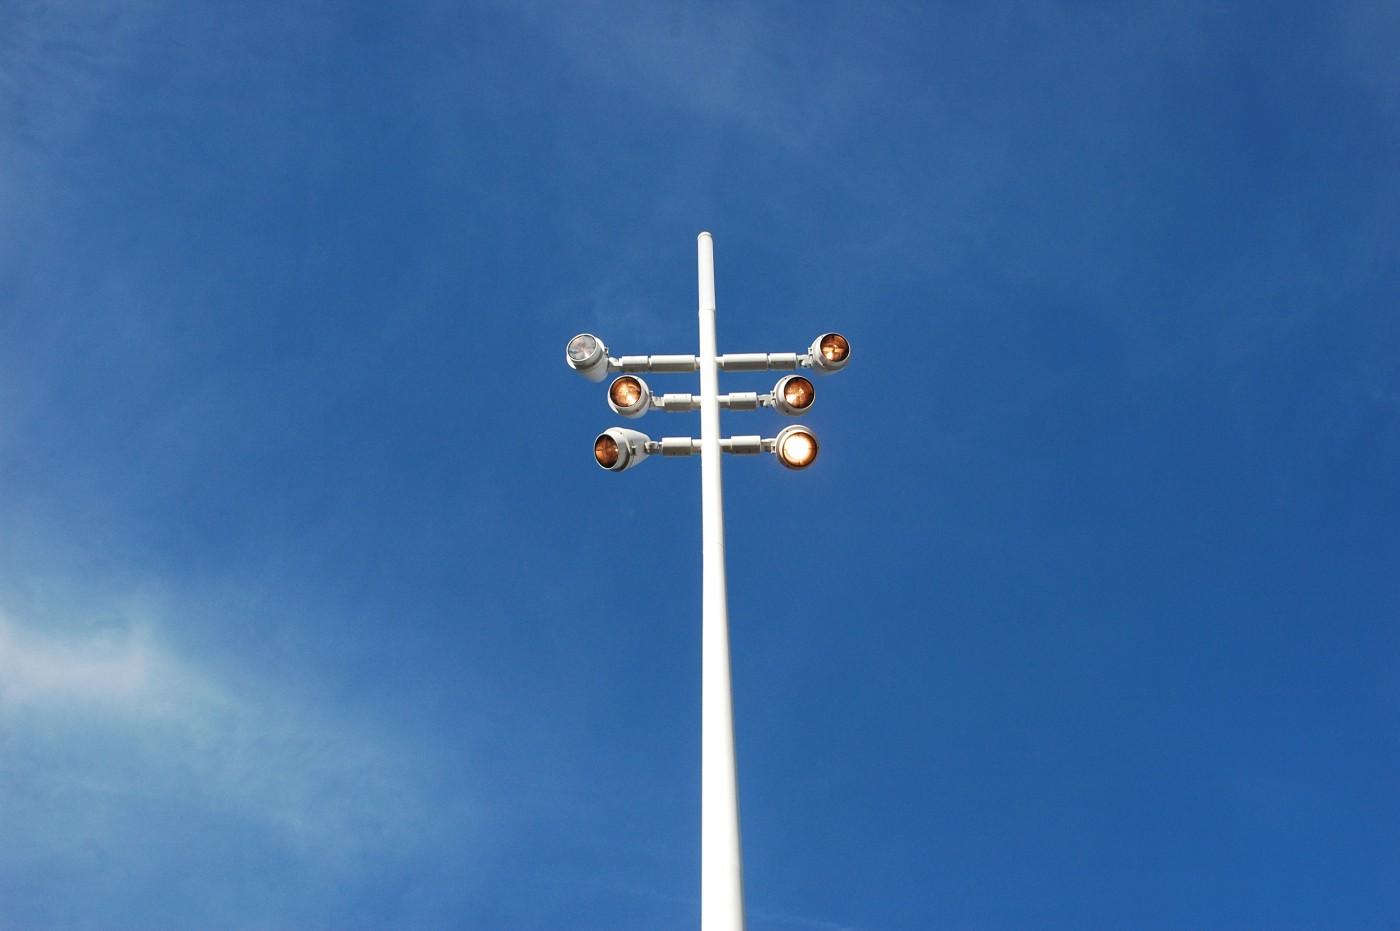 20 sep buro sant en co landschapsarchitectuur olympisch stadion plein amsterdam verlichting